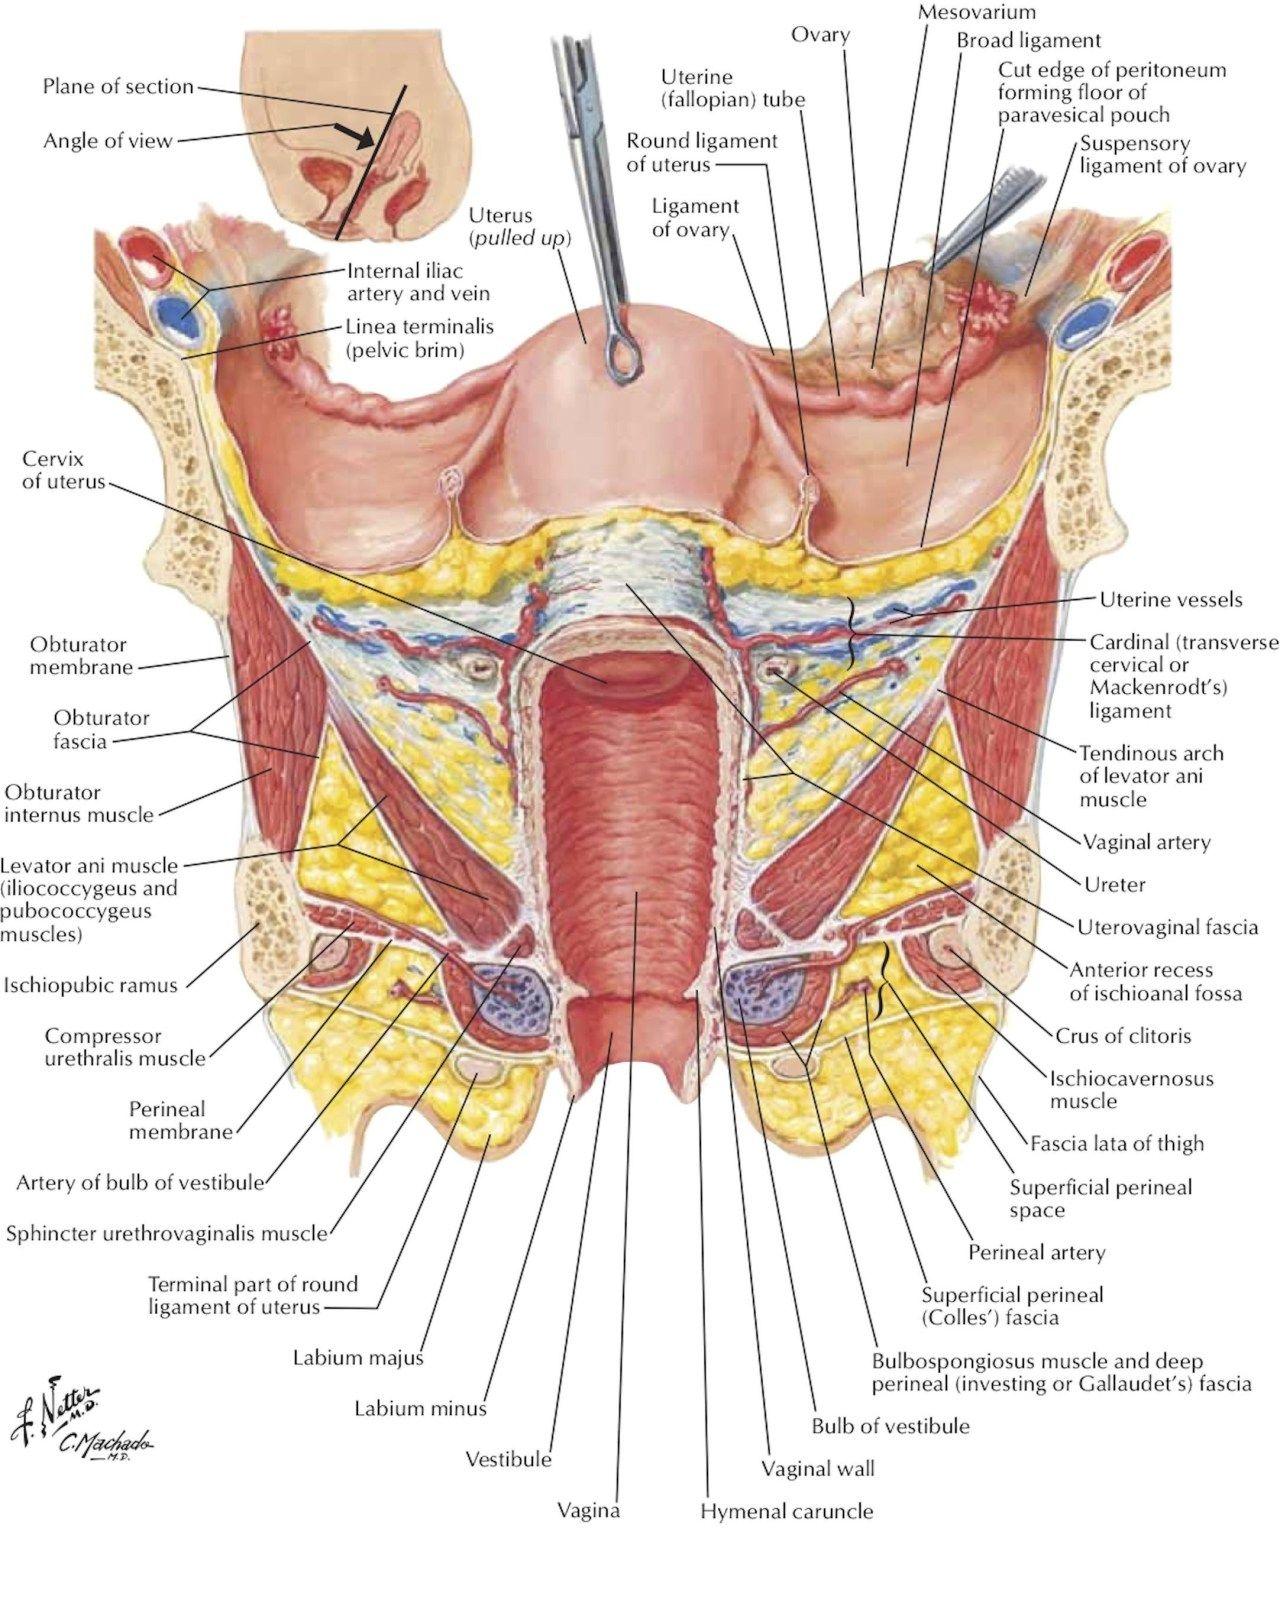 anatomie de organ)